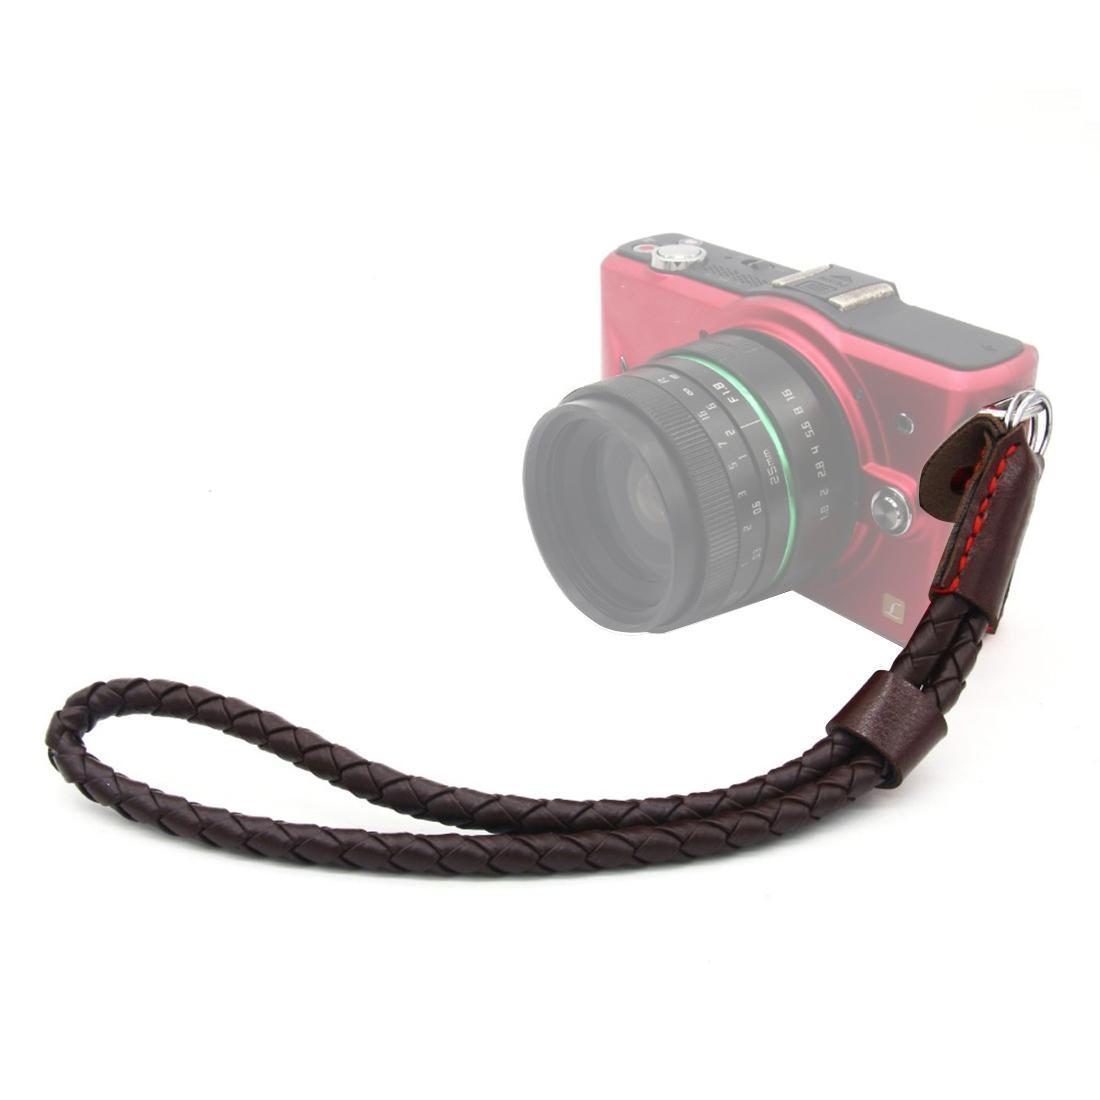 نسج نمط المعصم الشريط قبضة بو حزام من الجلد اليد لDSLR / SLR كاميرات